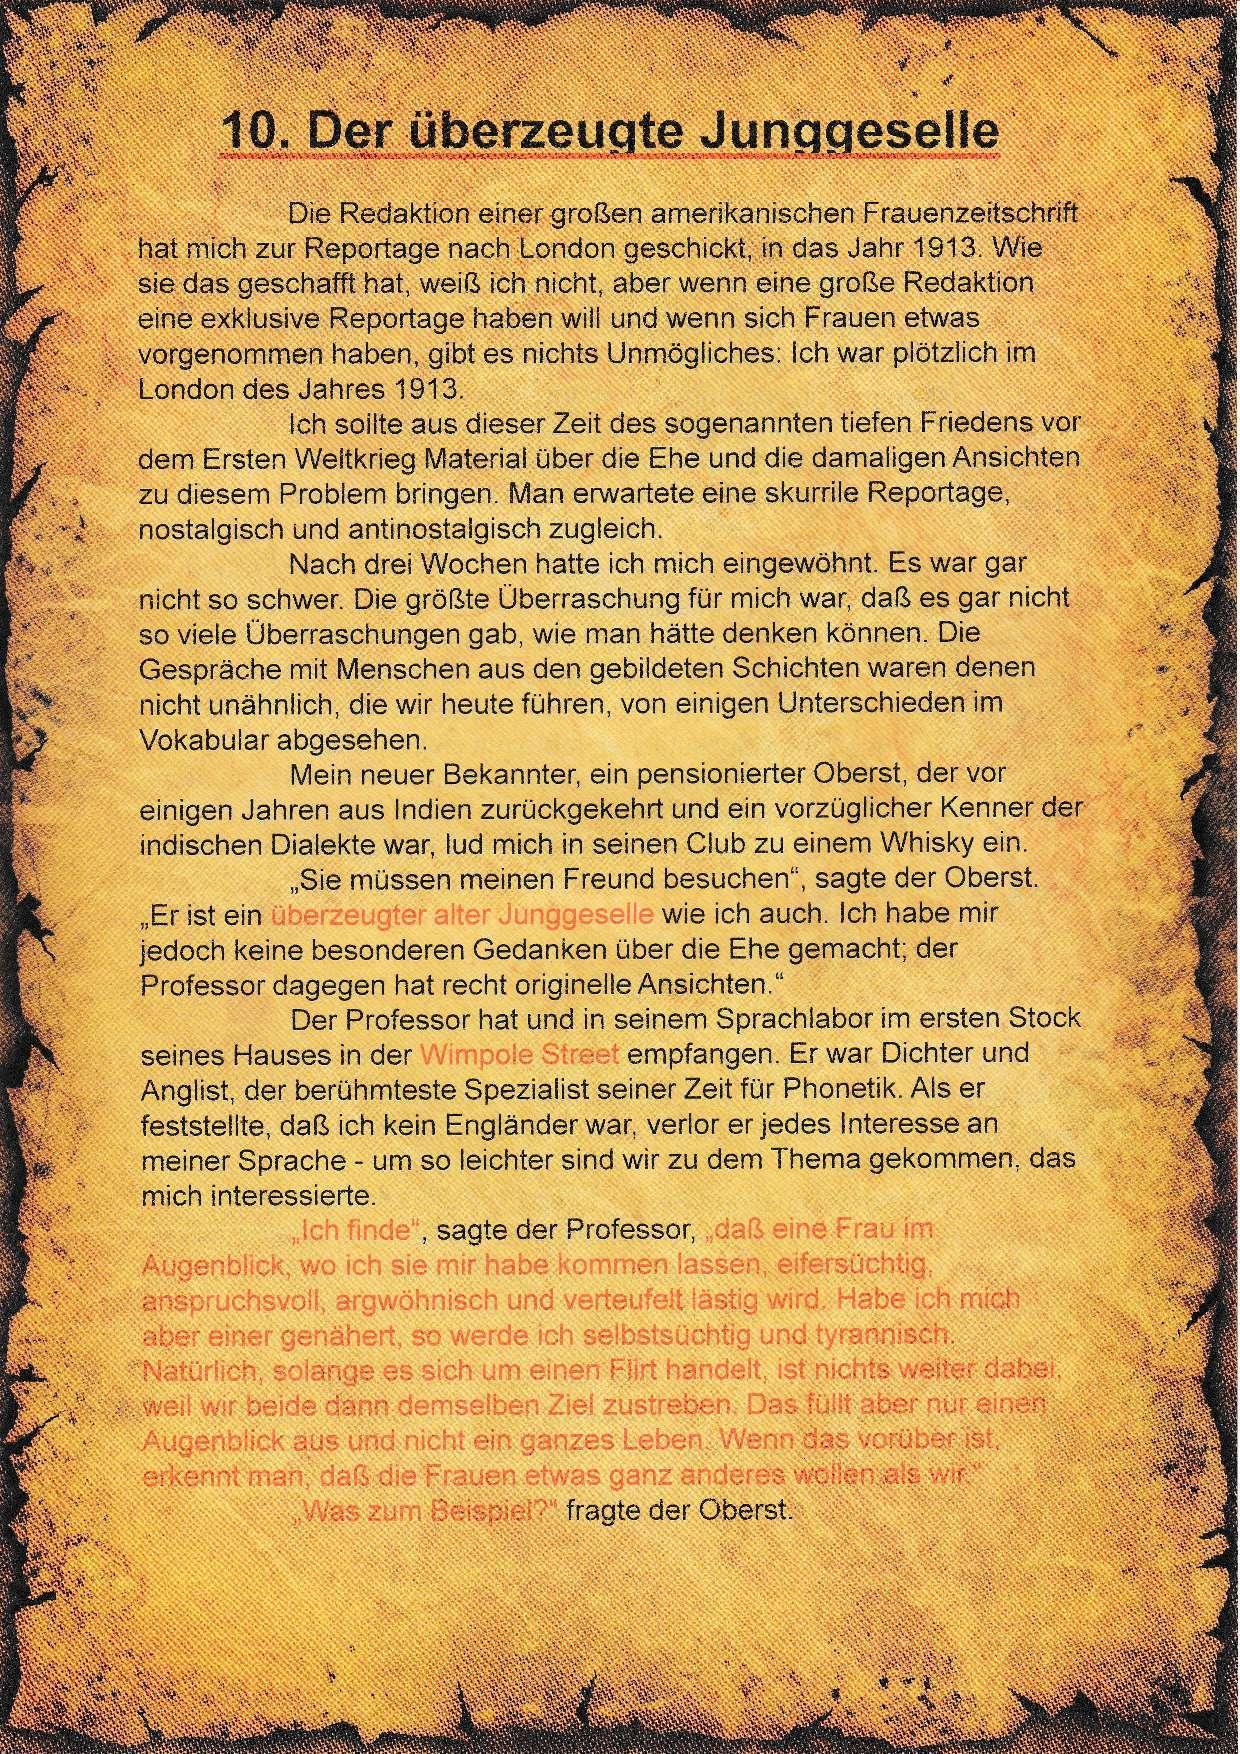 10. Literatur-Rätsel - A